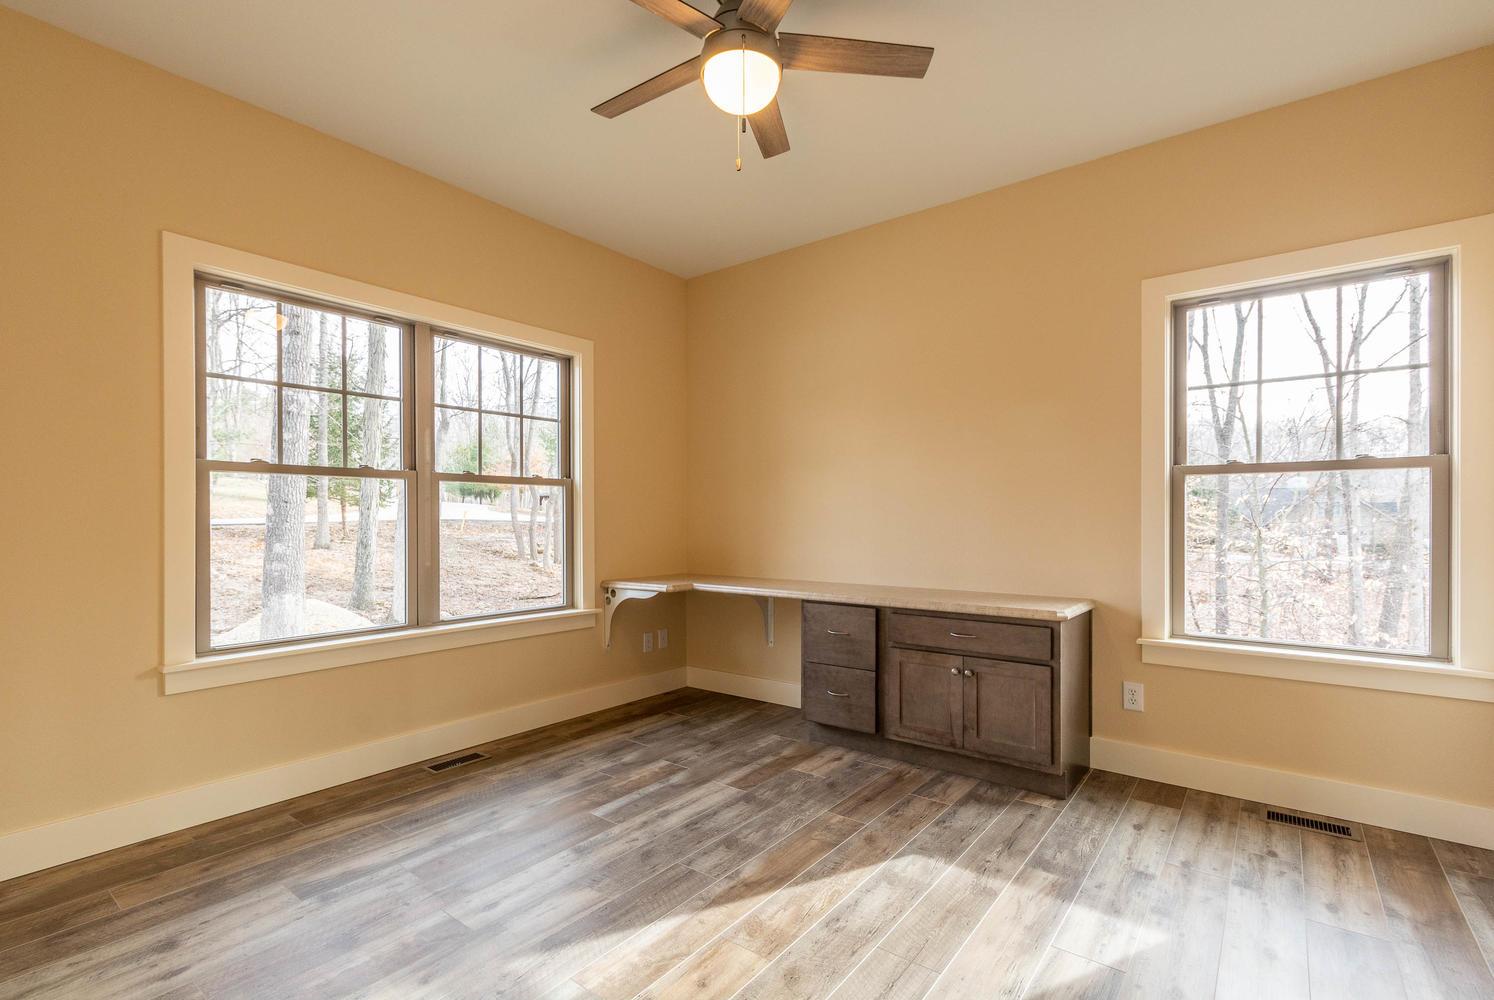 157 W Hilltop Lane Nashville-large-032-104-Bedroom 2-1495×1000-72dpi